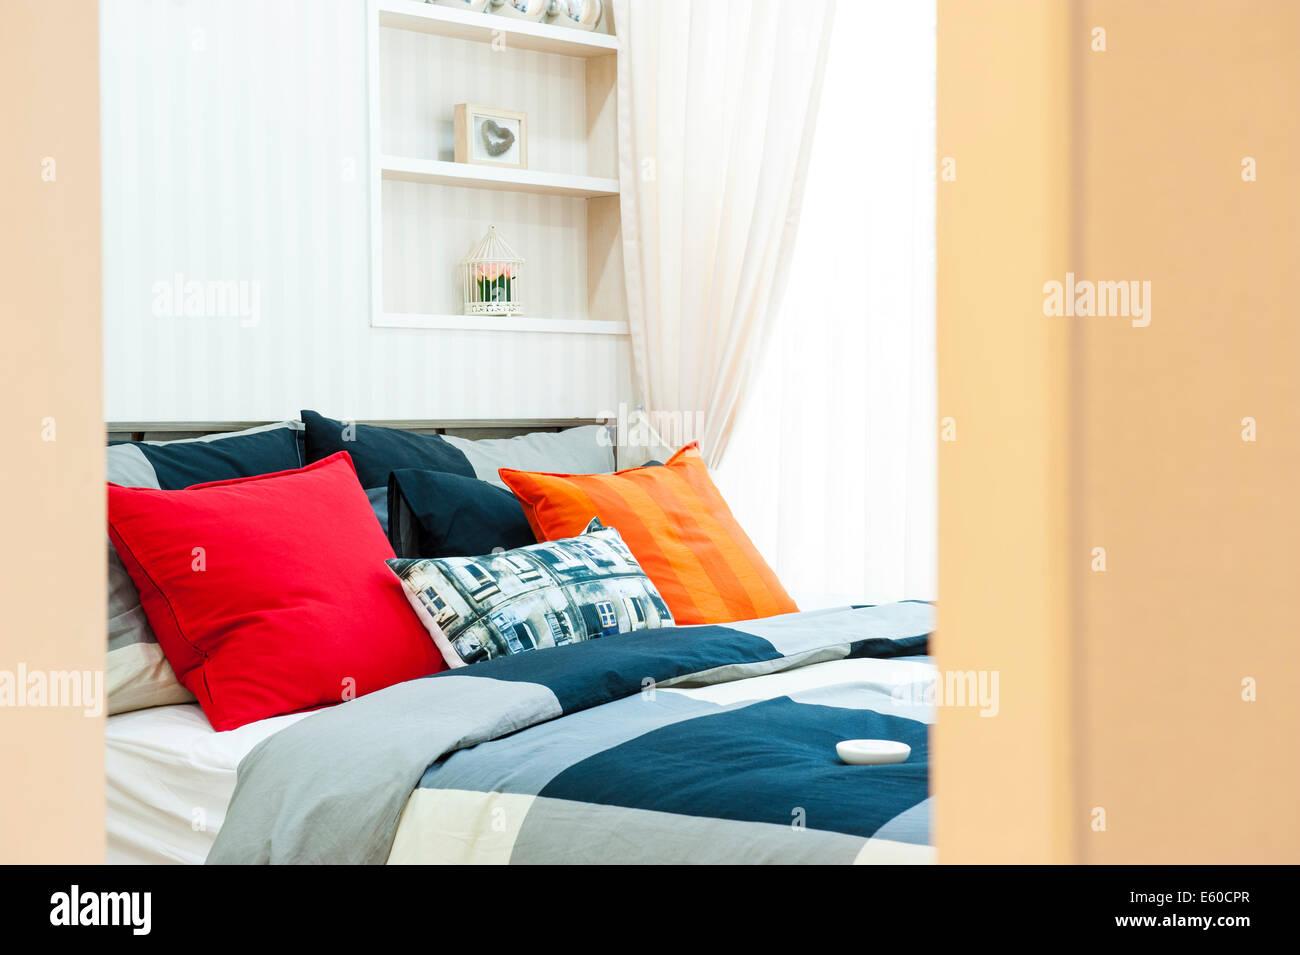 Öffnen Sie das Schlafzimmer mit Kissen Stockbild